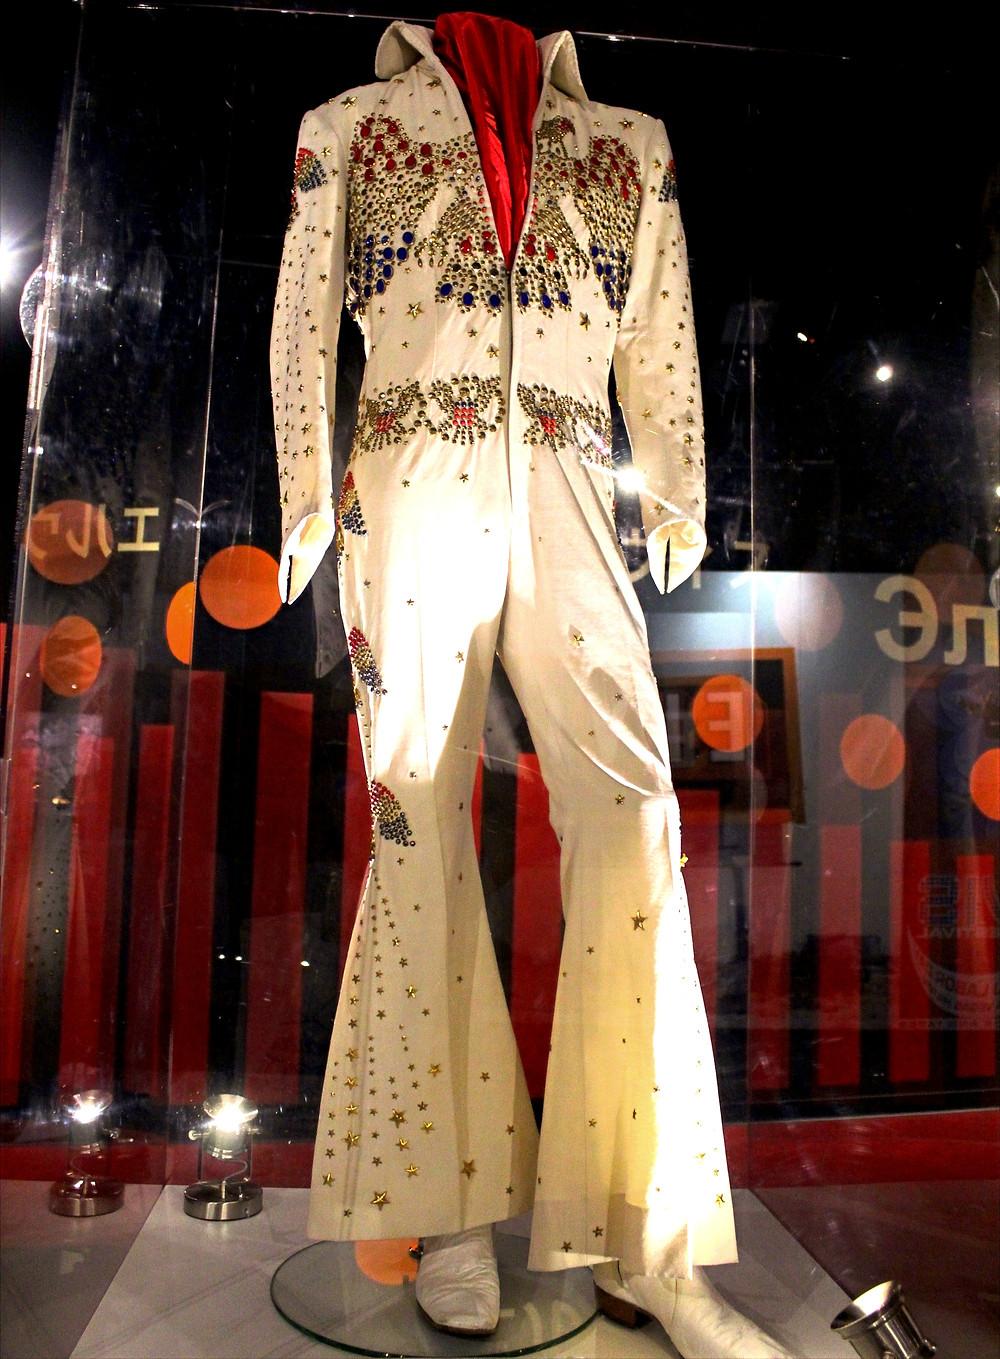 Vestimenta original de Elvis Presley exhibida en Graceland en Memphis, Tennessee.